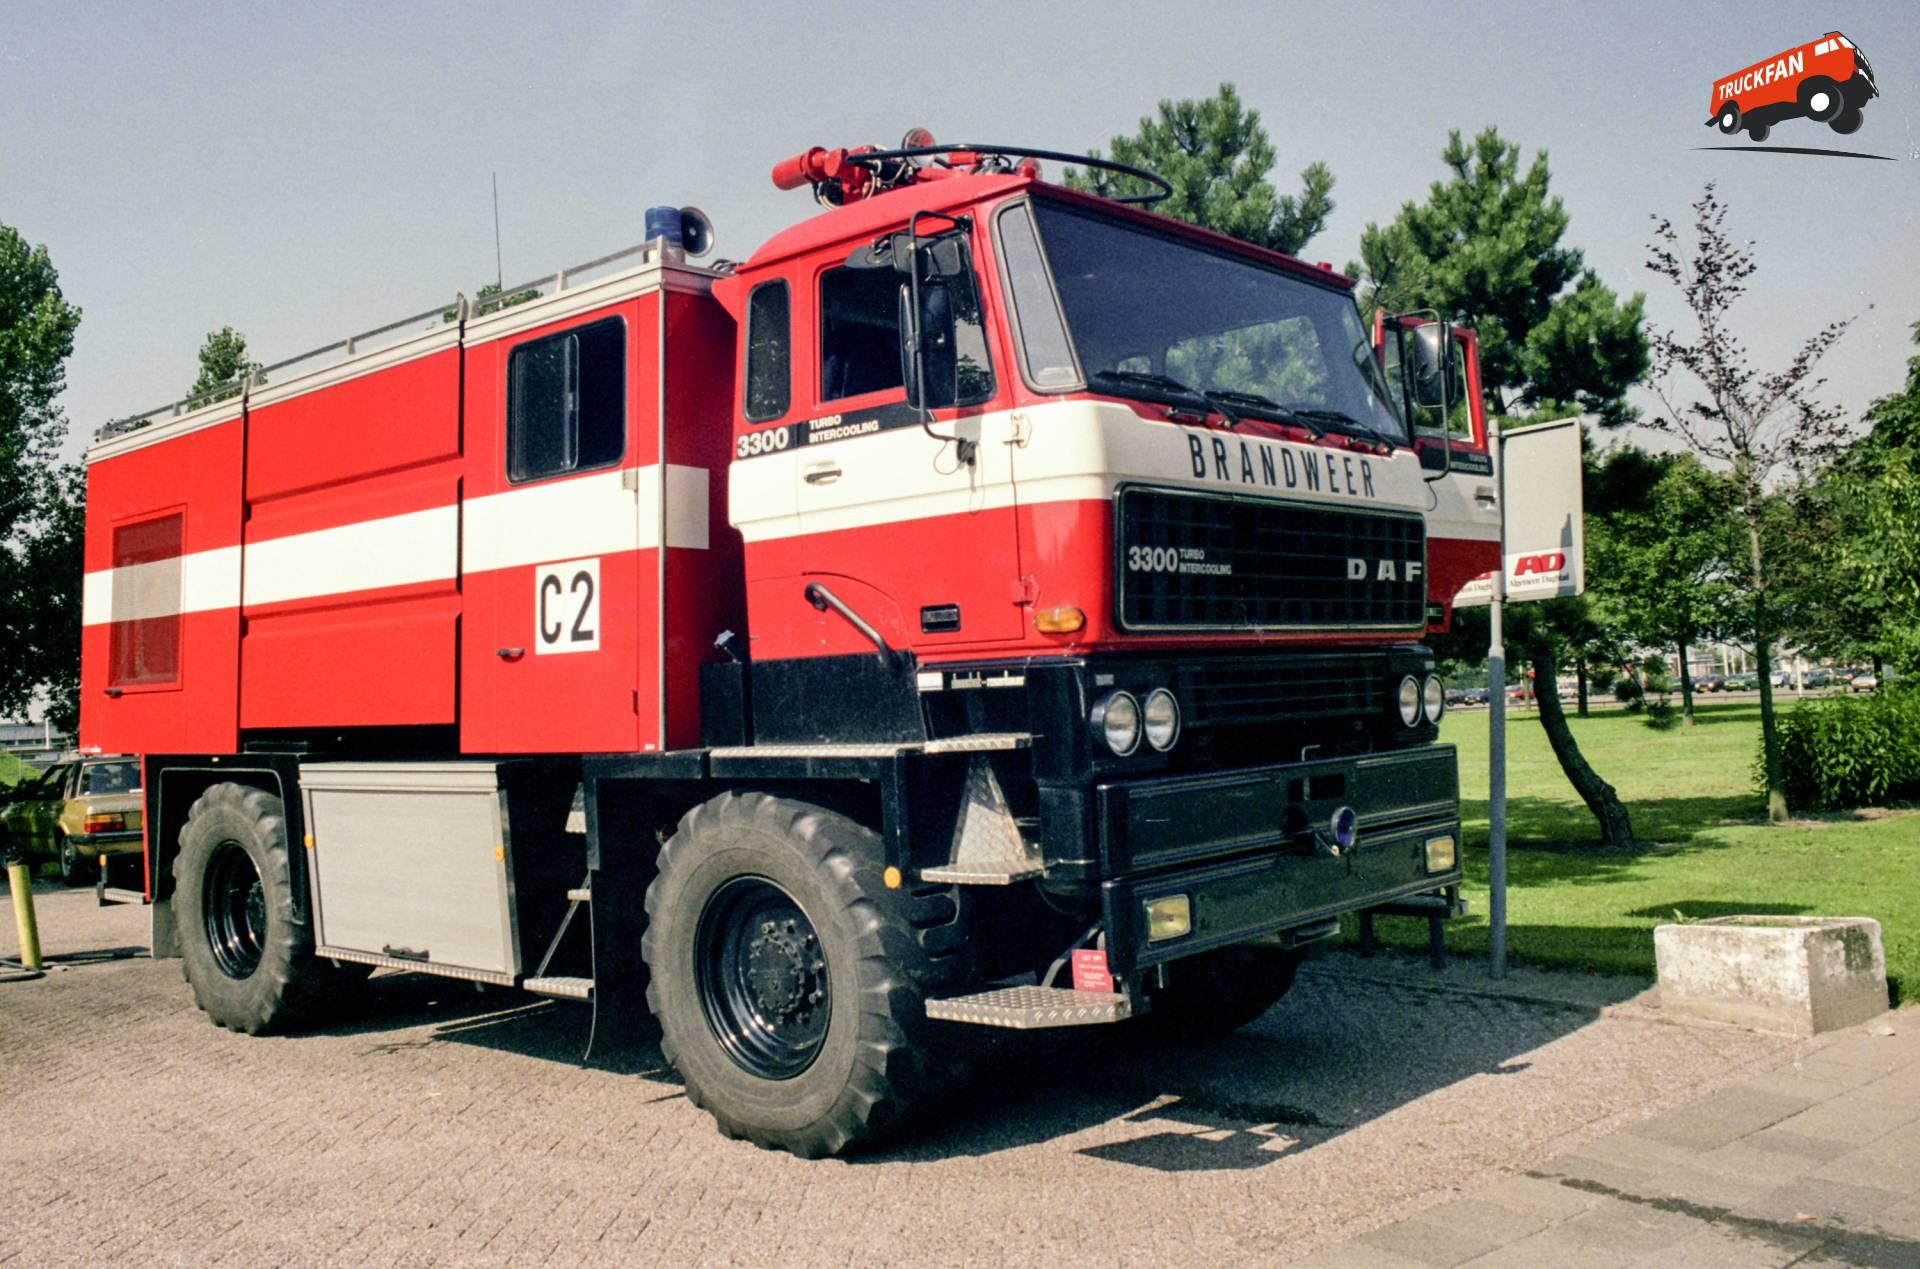 DAF 3300